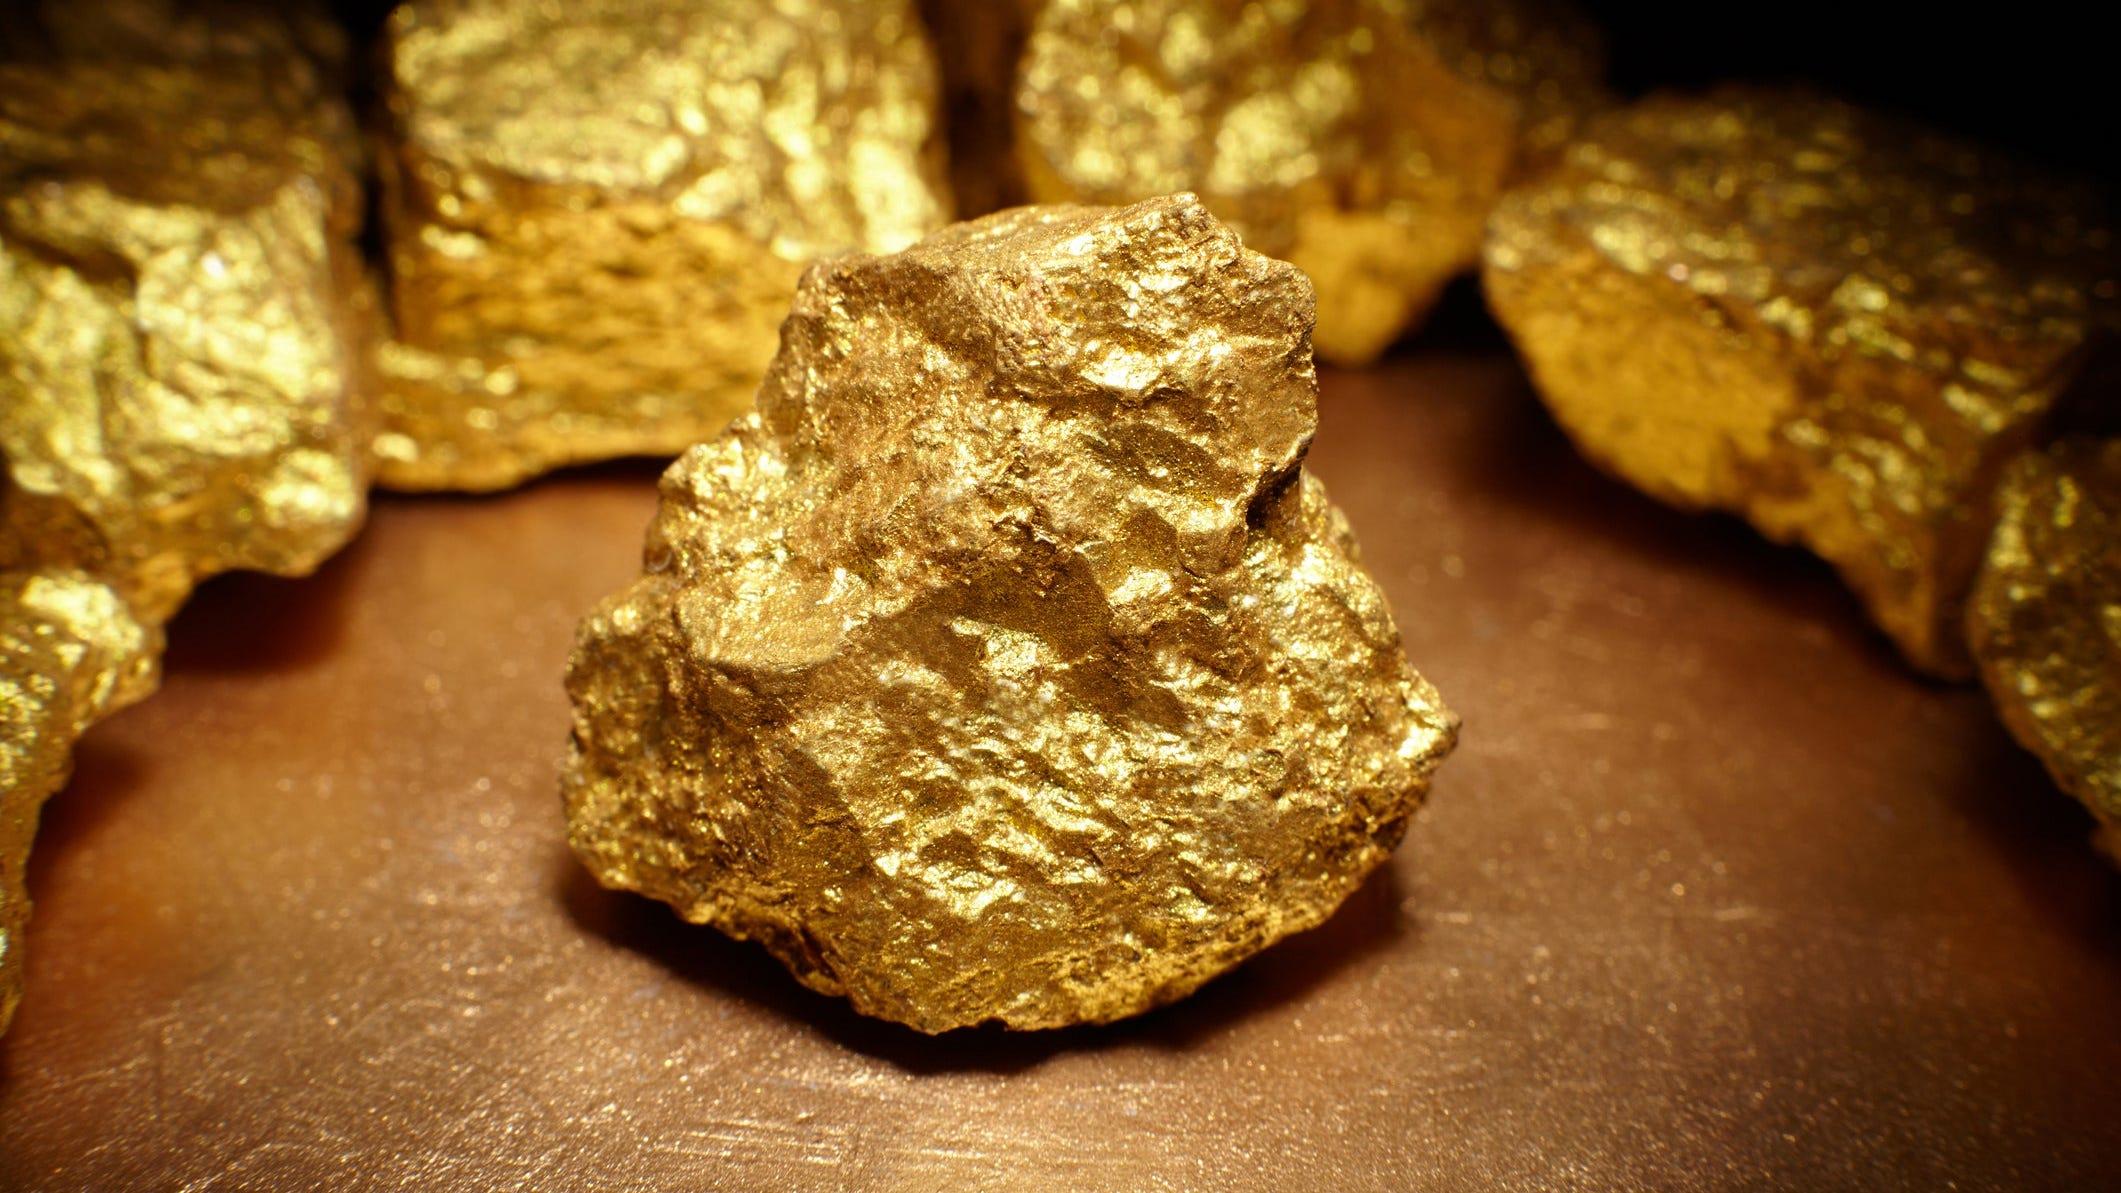 Giá vàng hôm nay 23/7: Tiếp tục tăng nhờ đồng USD, lợi suất trái phiếu Mỹ giảm